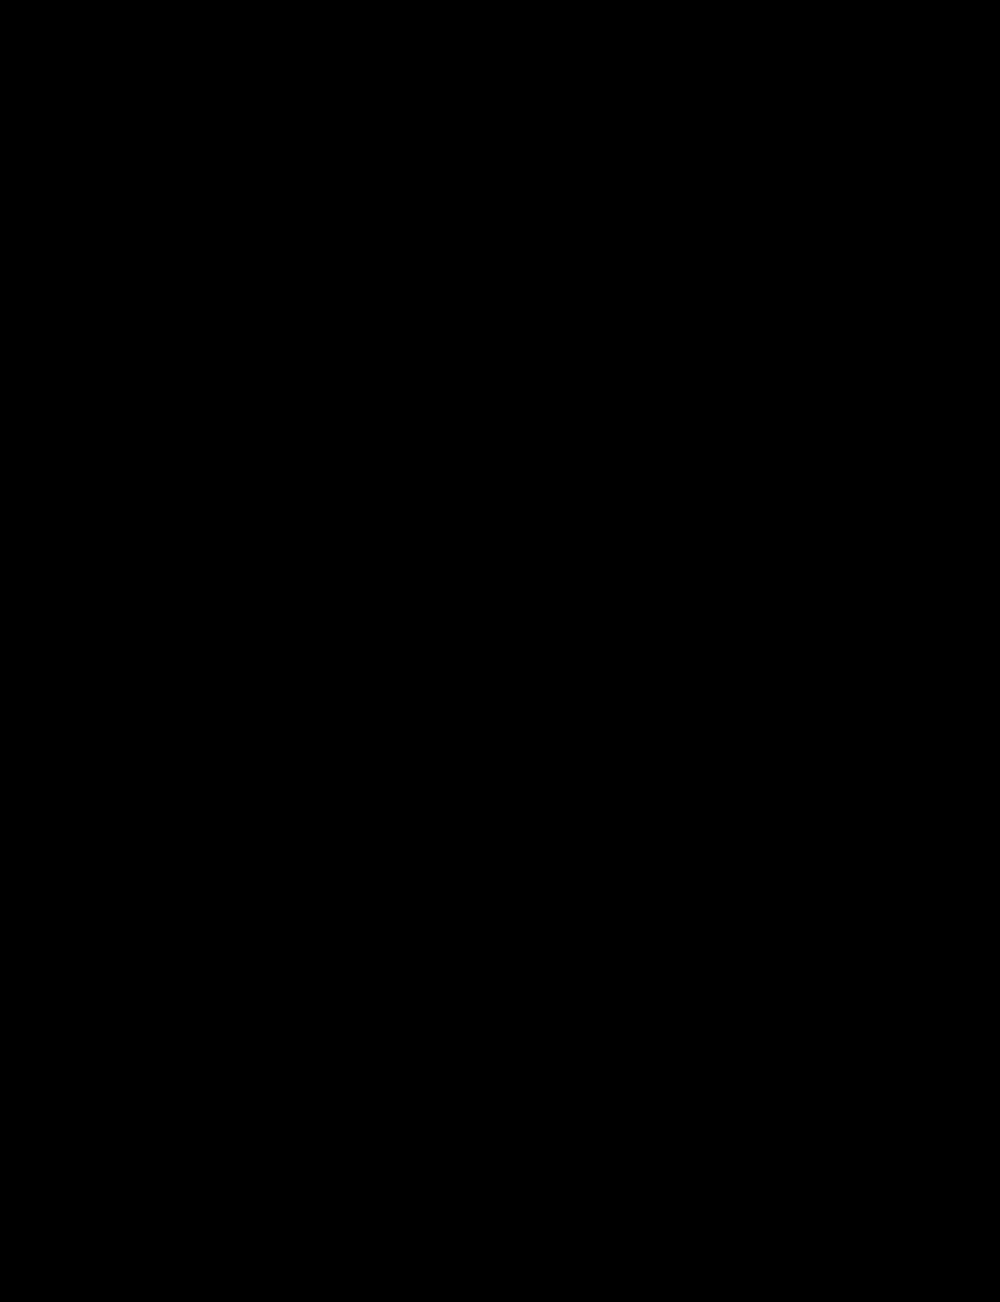 Le carré arrondi de Fabio Salsa